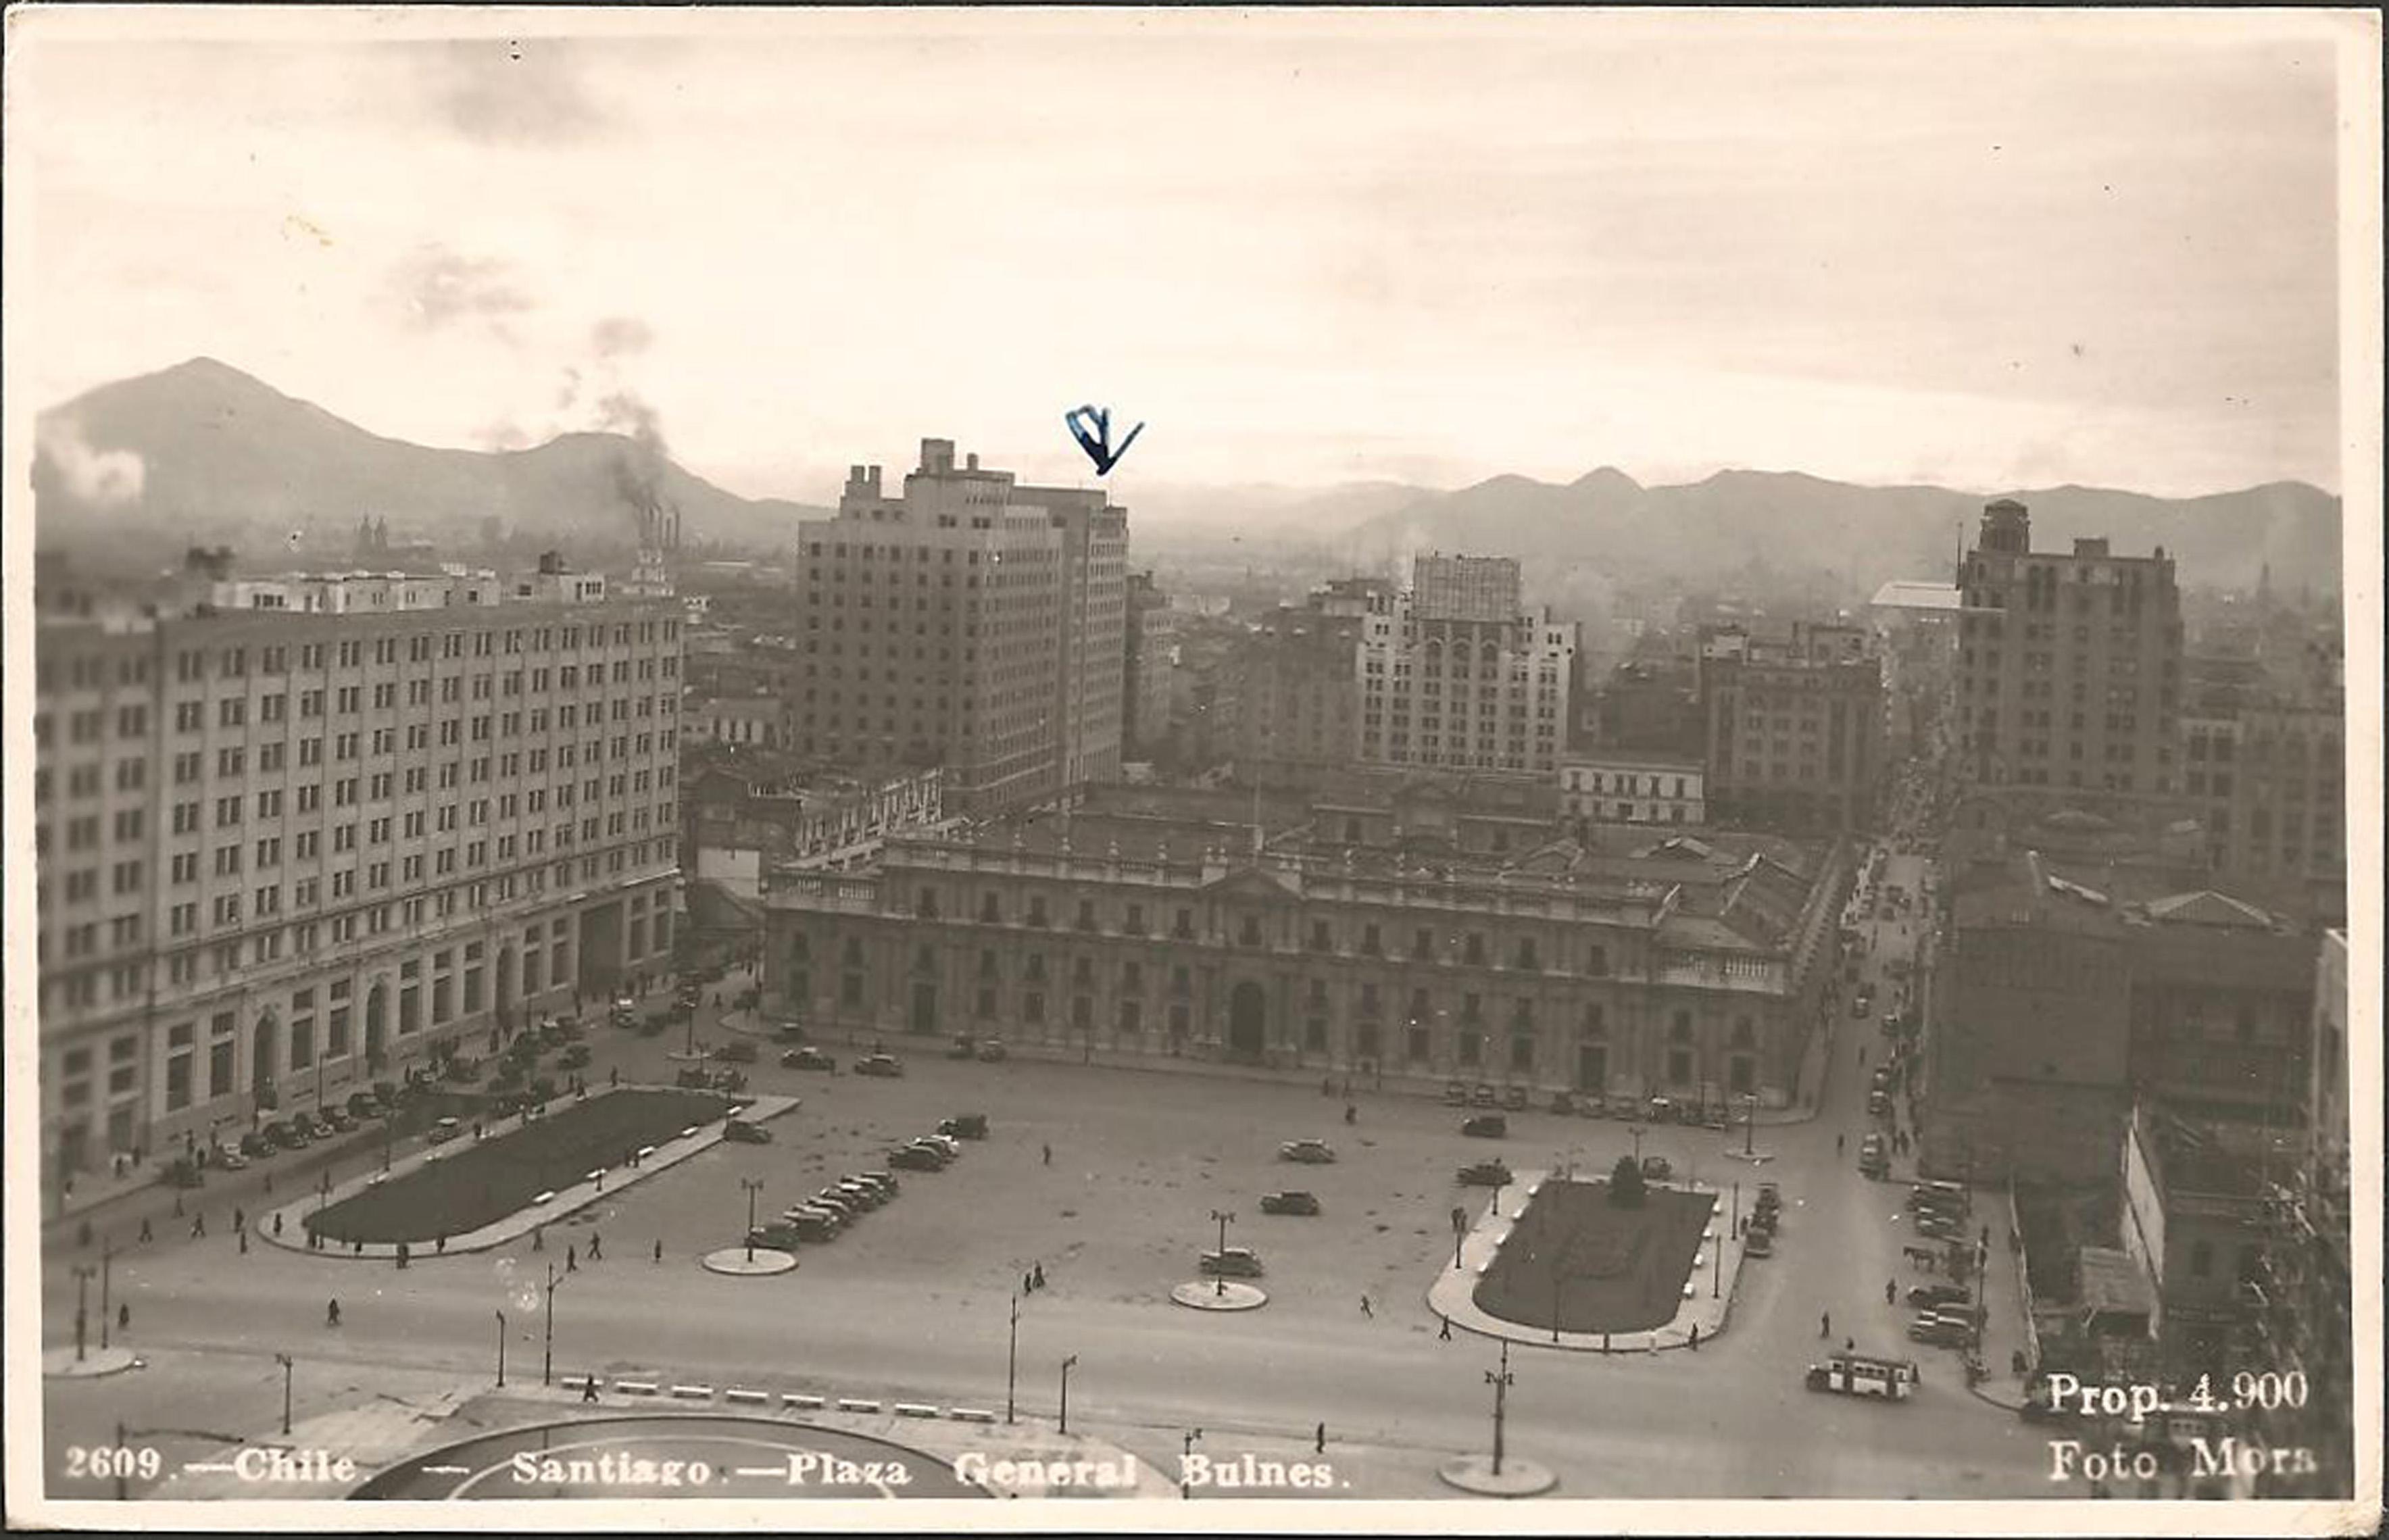 Enterreno - Fotos históricas de chile - fotos antiguas de Chile - Plaza Bulnes en Santiago en 1940